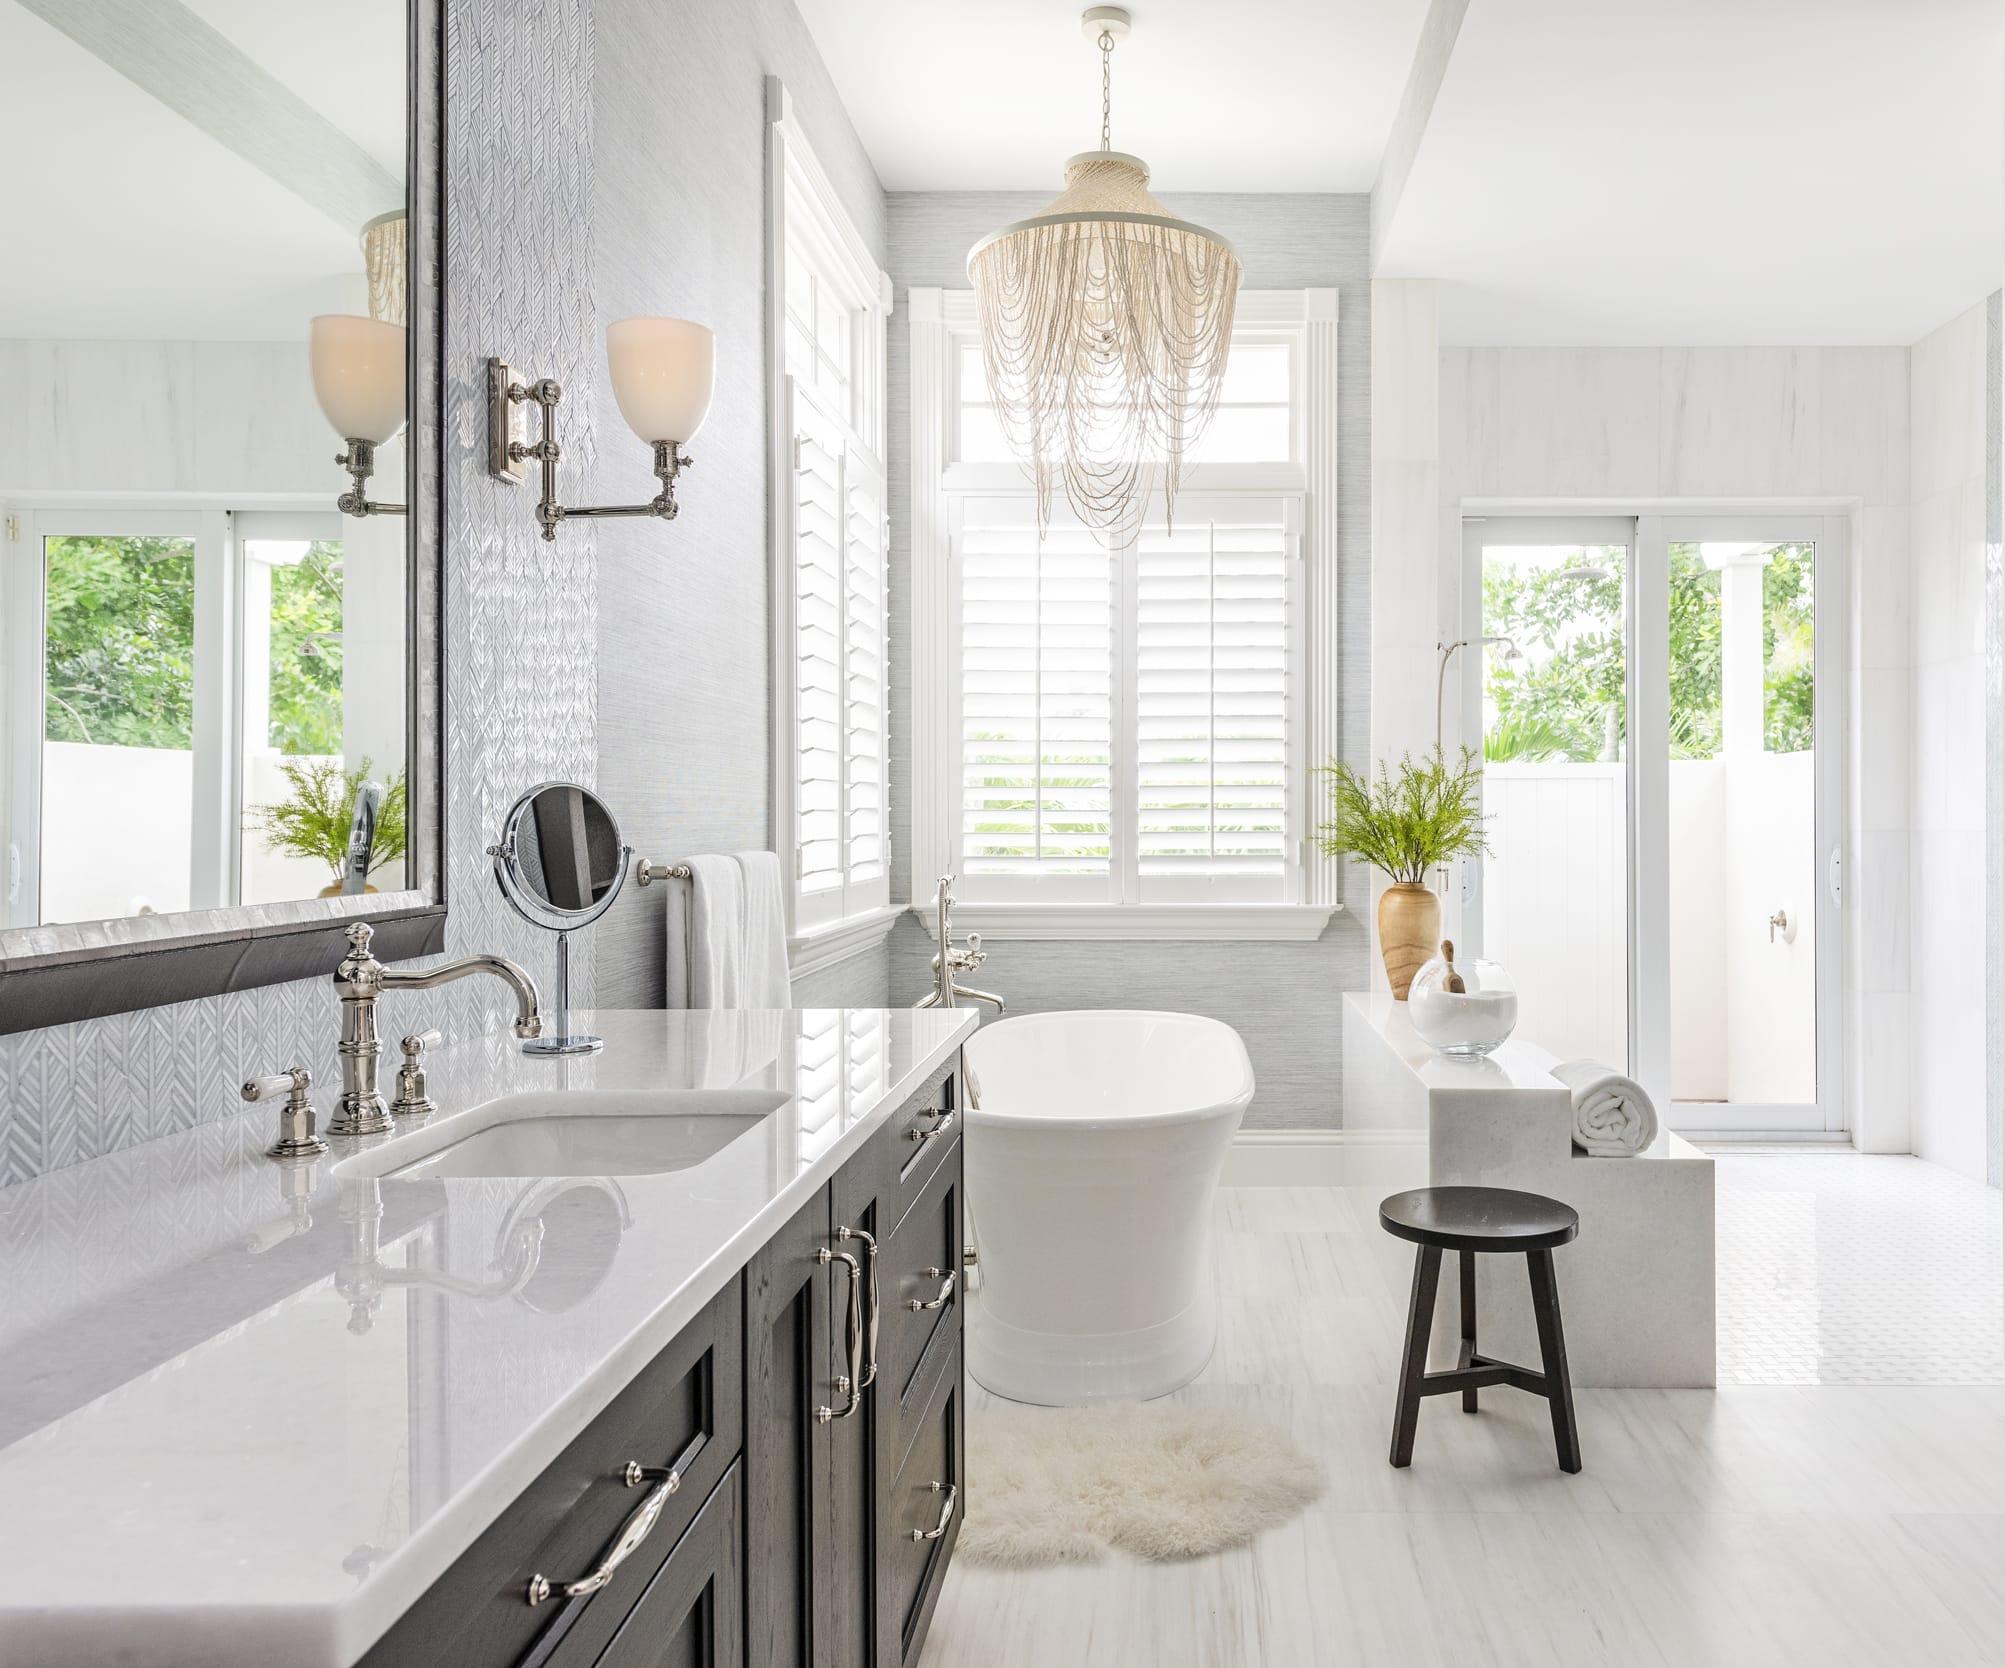 Jeffrey Fisher Home Light Blue Leaf Tile Master Bathroom Chandelier